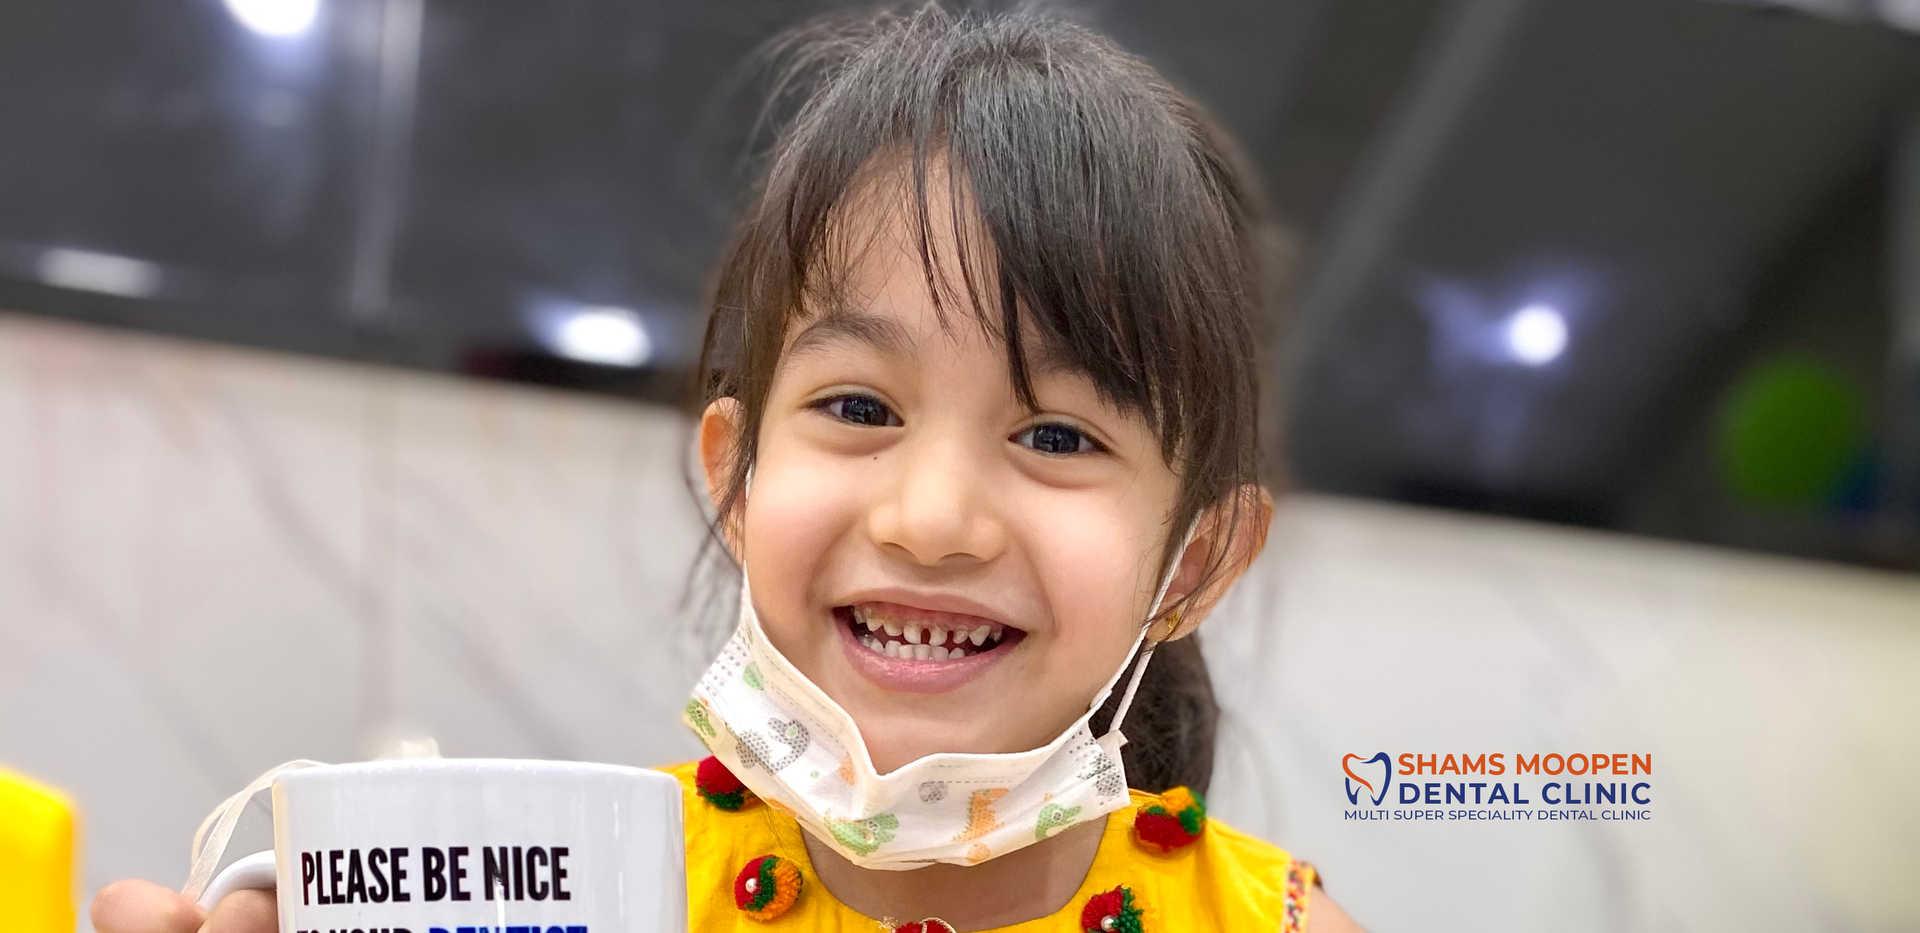 World Children's Day Event 2020 Shams Moopen Dental Clinic